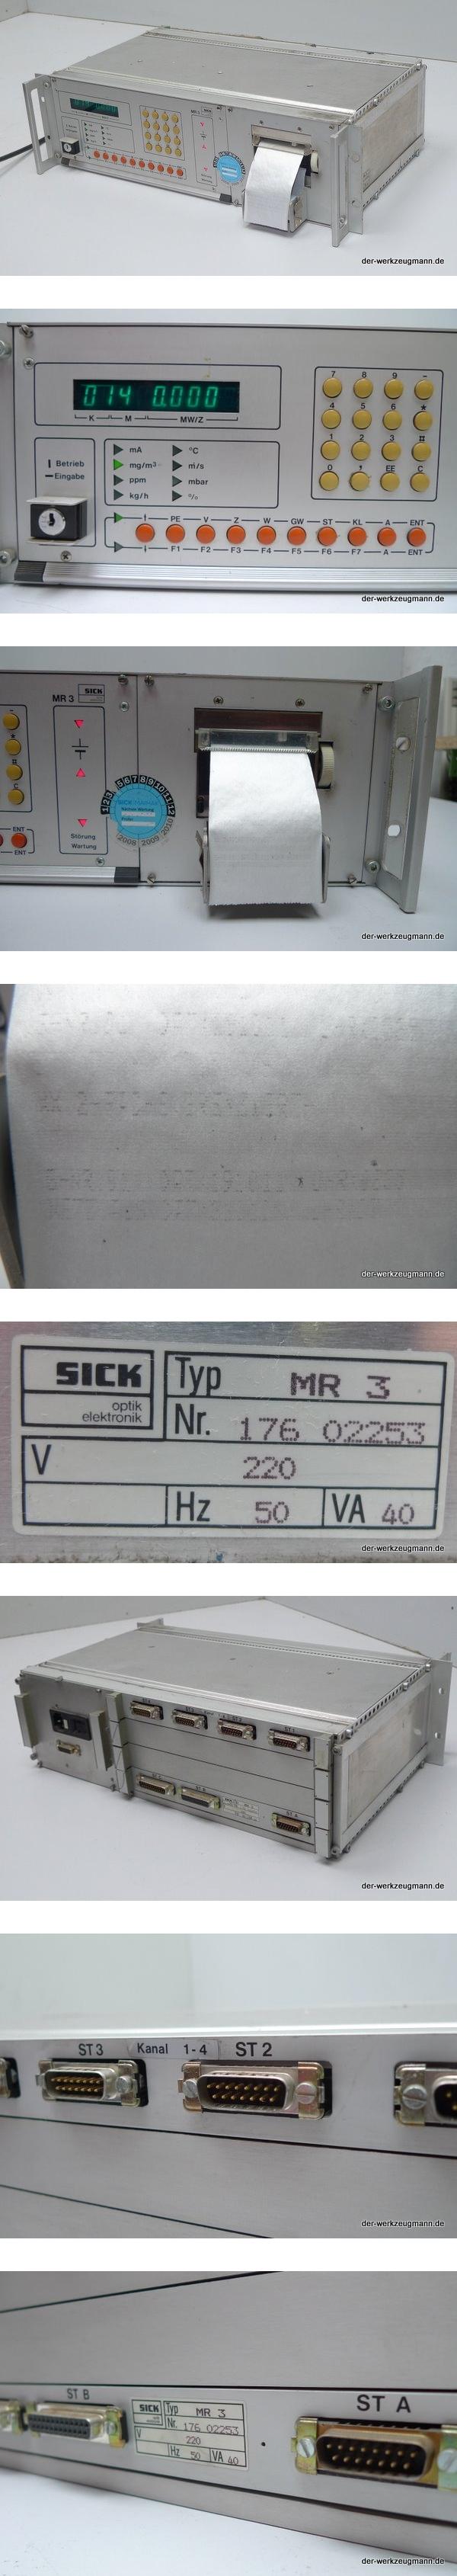 Sick MR-3 176 02253 Steuerung